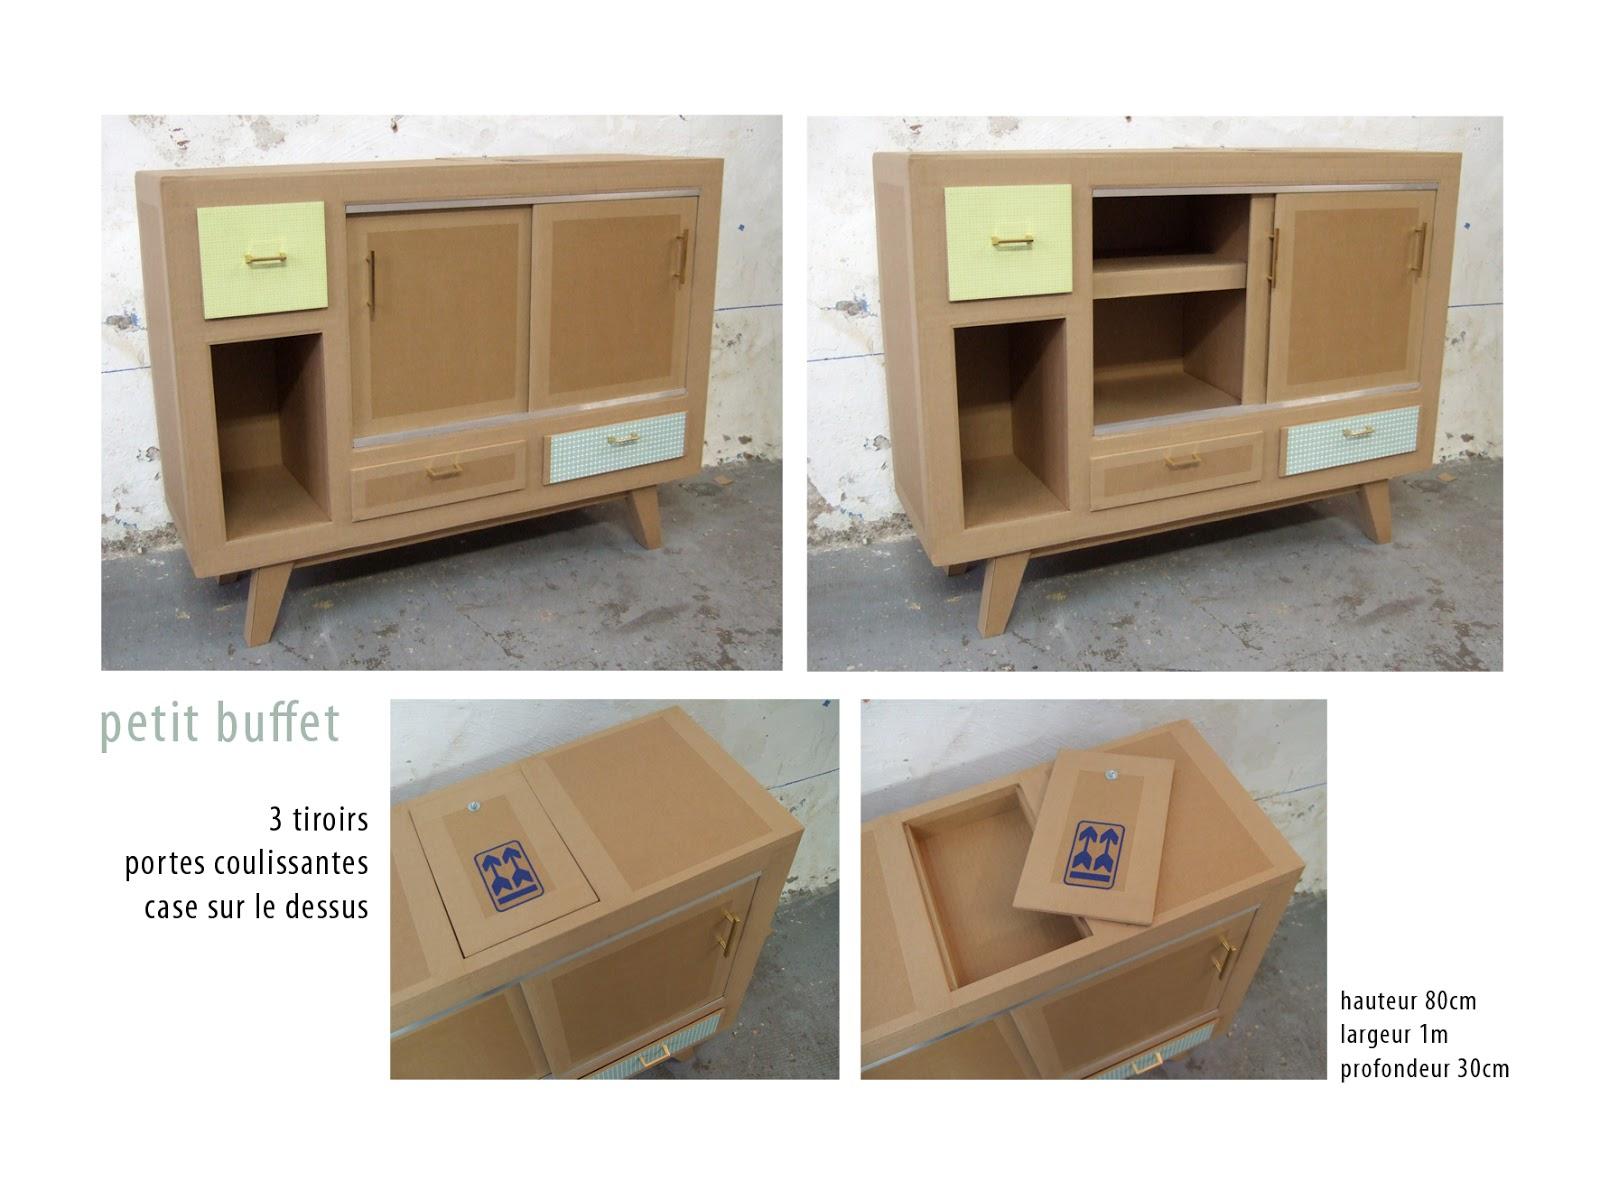 buffet en carton. meuble en carton case porte coulissante et tiroirs. création sur mesure fabriqué à marseille par juliadesign.